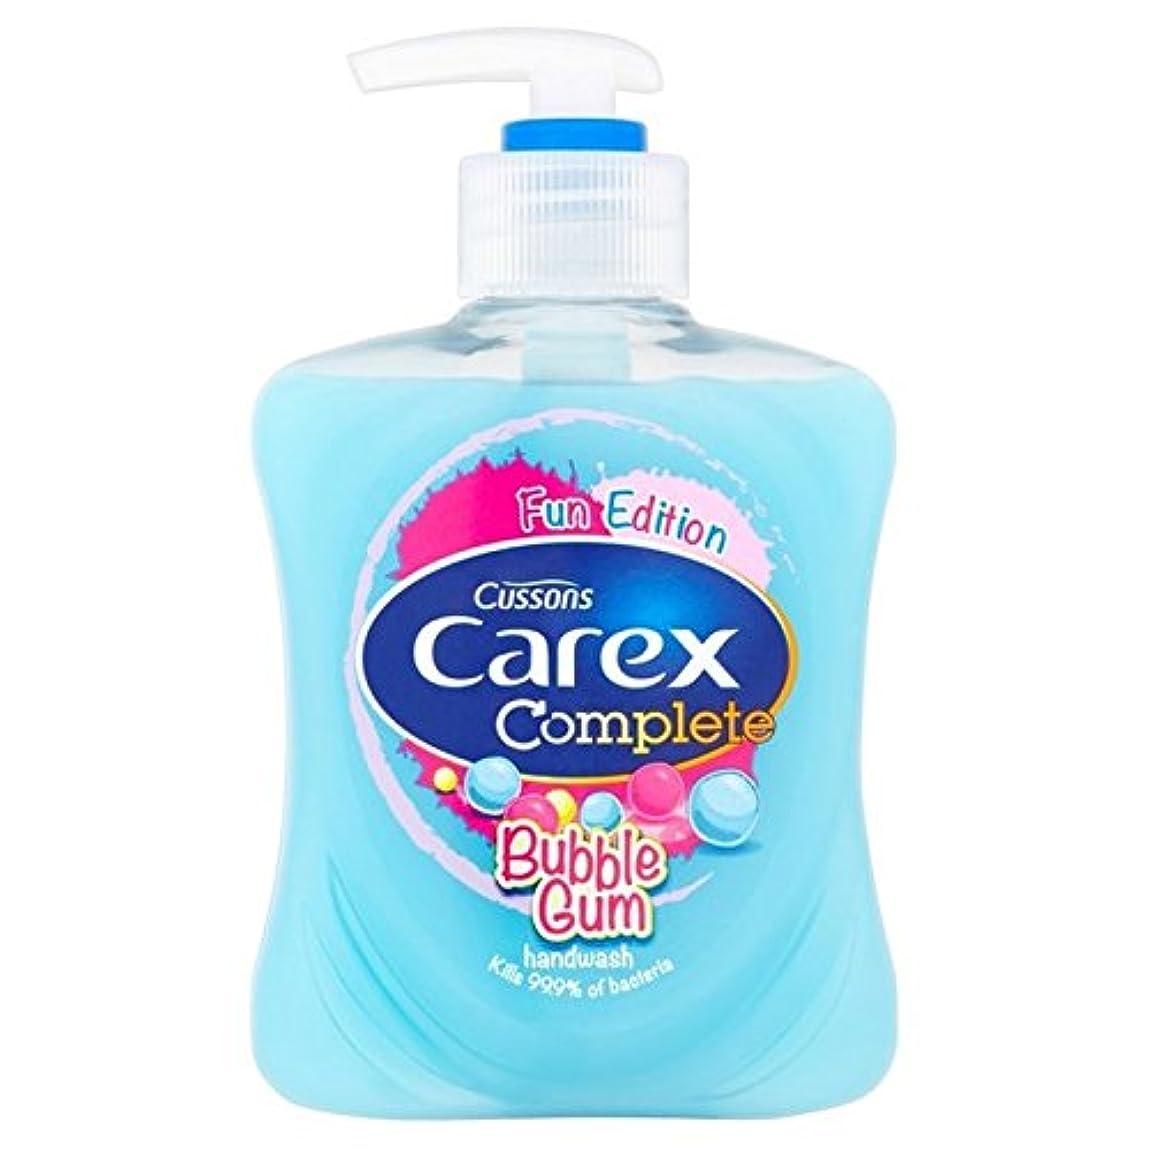 オゾンアイデアサイドボードスゲ子供手洗いバブルガムの250ミリリットル x2 - Carex Kids Handwash Bubblegum 250ml (Pack of 2) [並行輸入品]